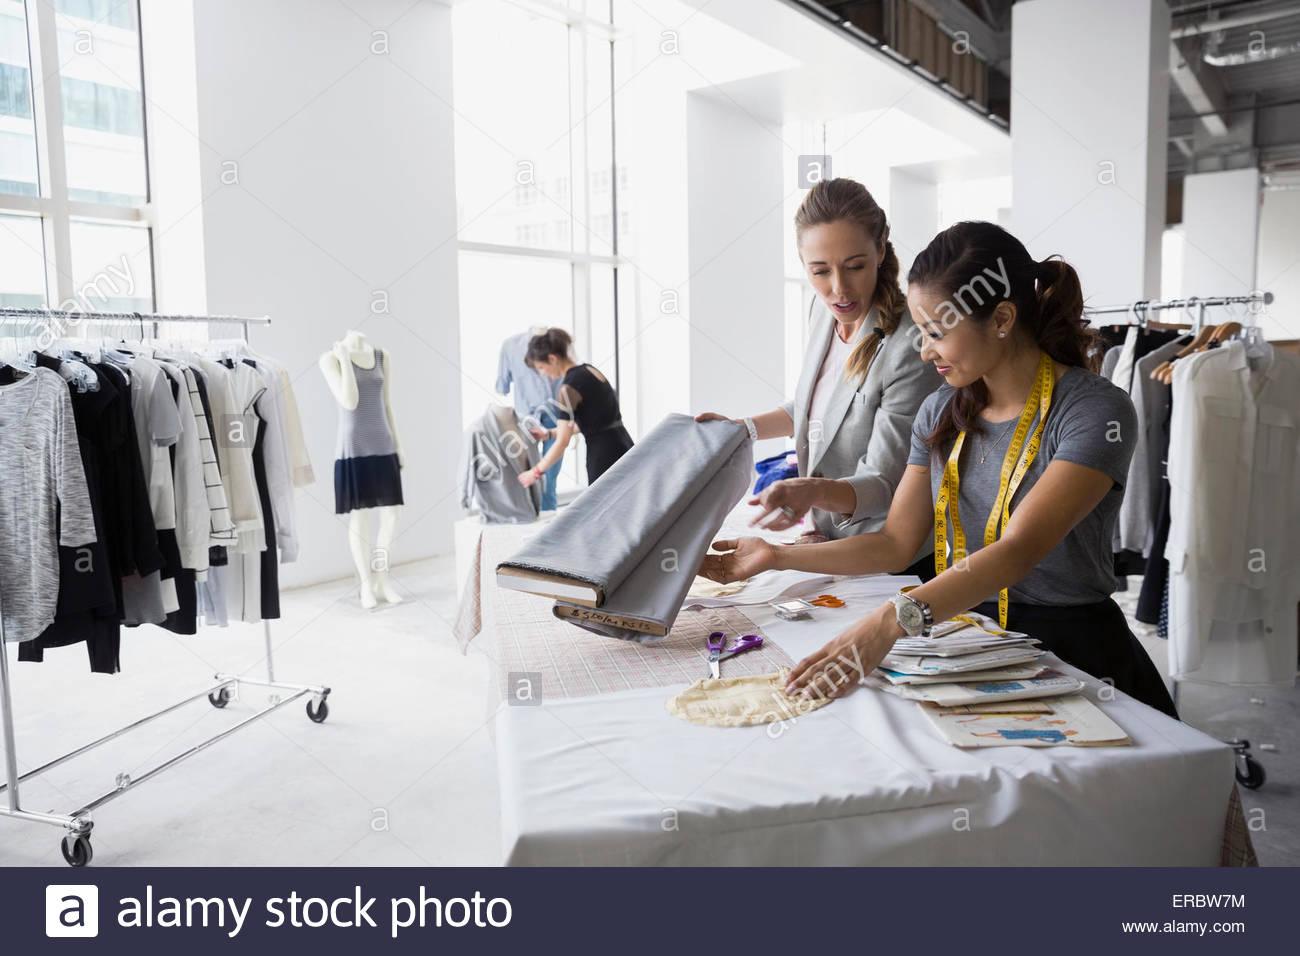 Los diseñadores de moda trabajan con tejidos y patrones de costura Imagen De Stock